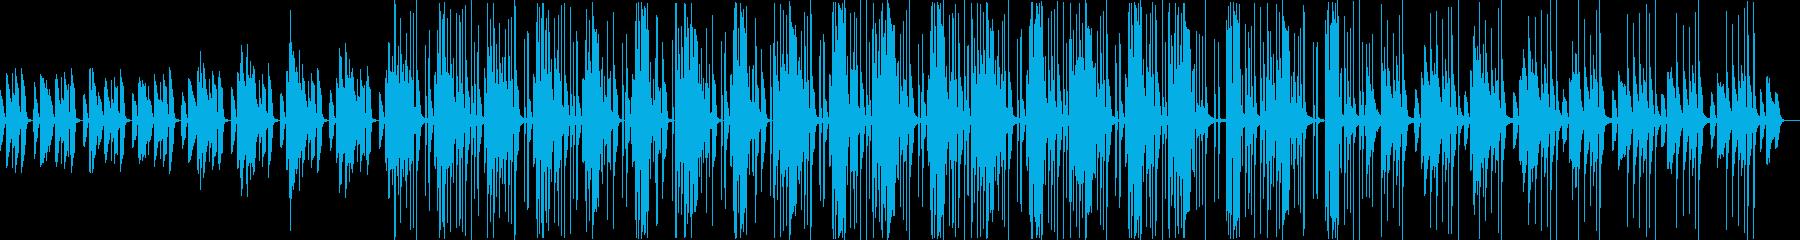 ほんわかポップでかわいらしいBGMの再生済みの波形